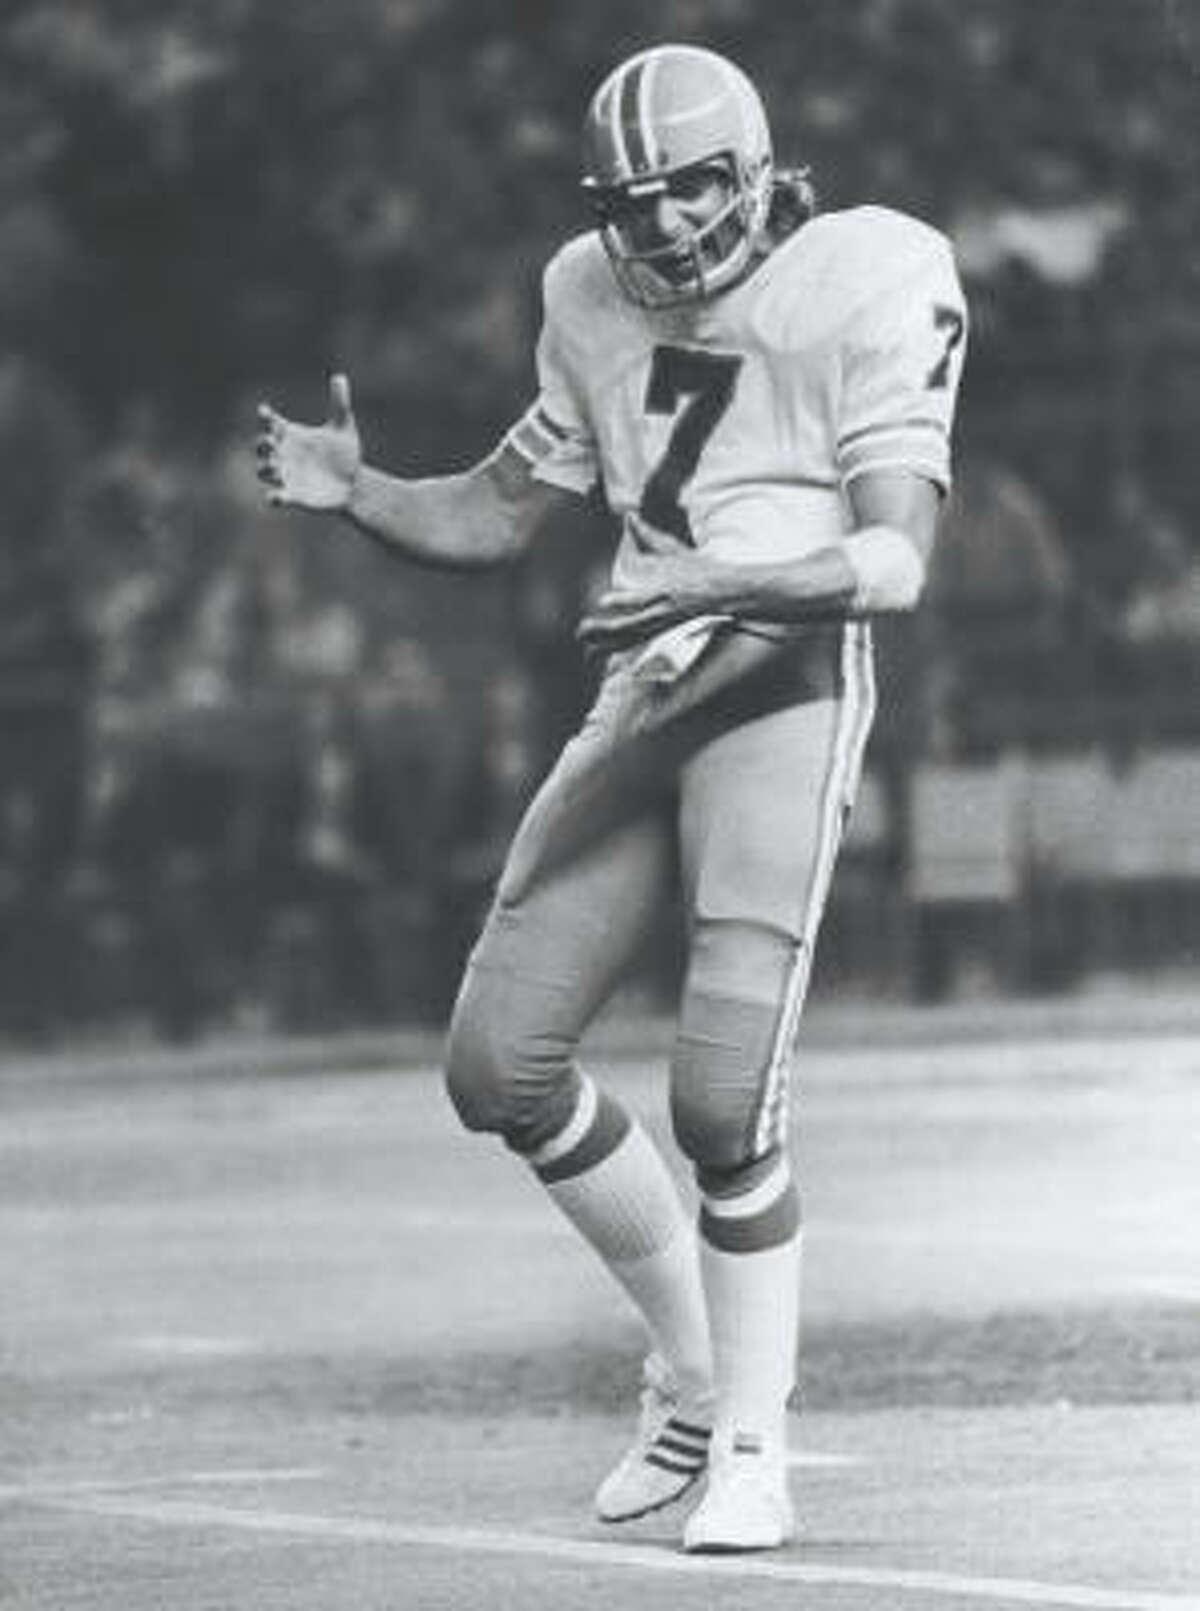 Dan Pastorini, QB, 1971